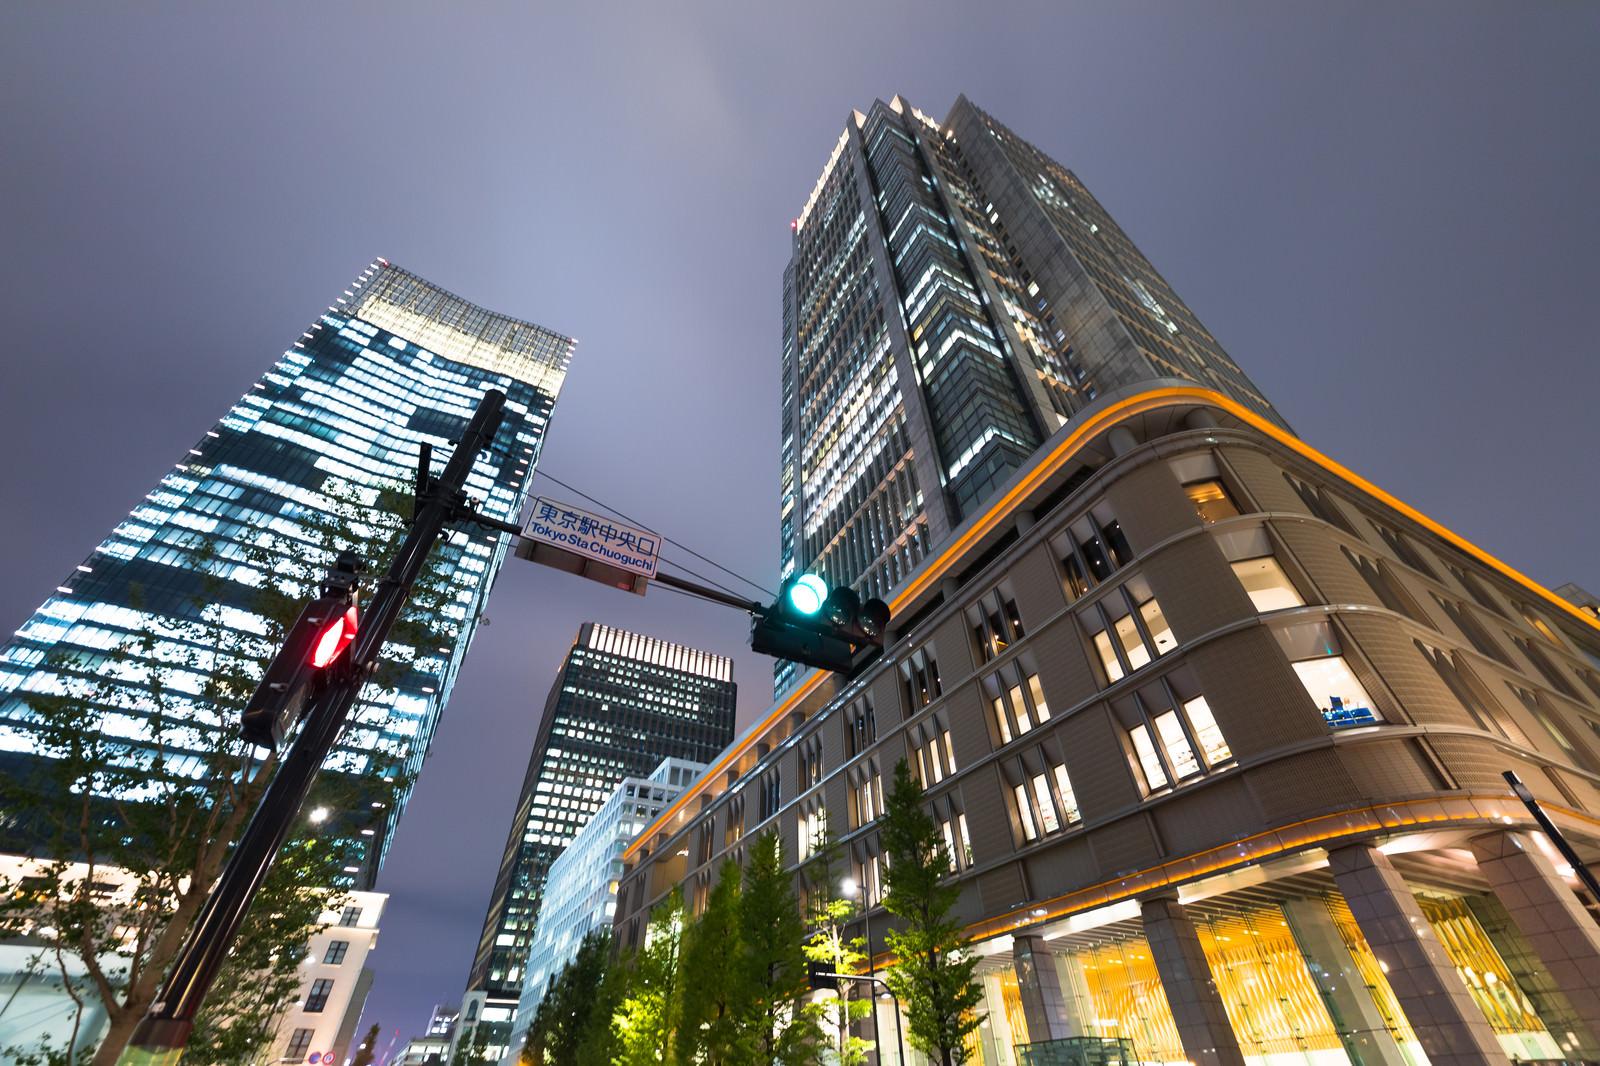 東京駅中央口(ビル群)のフリー素材